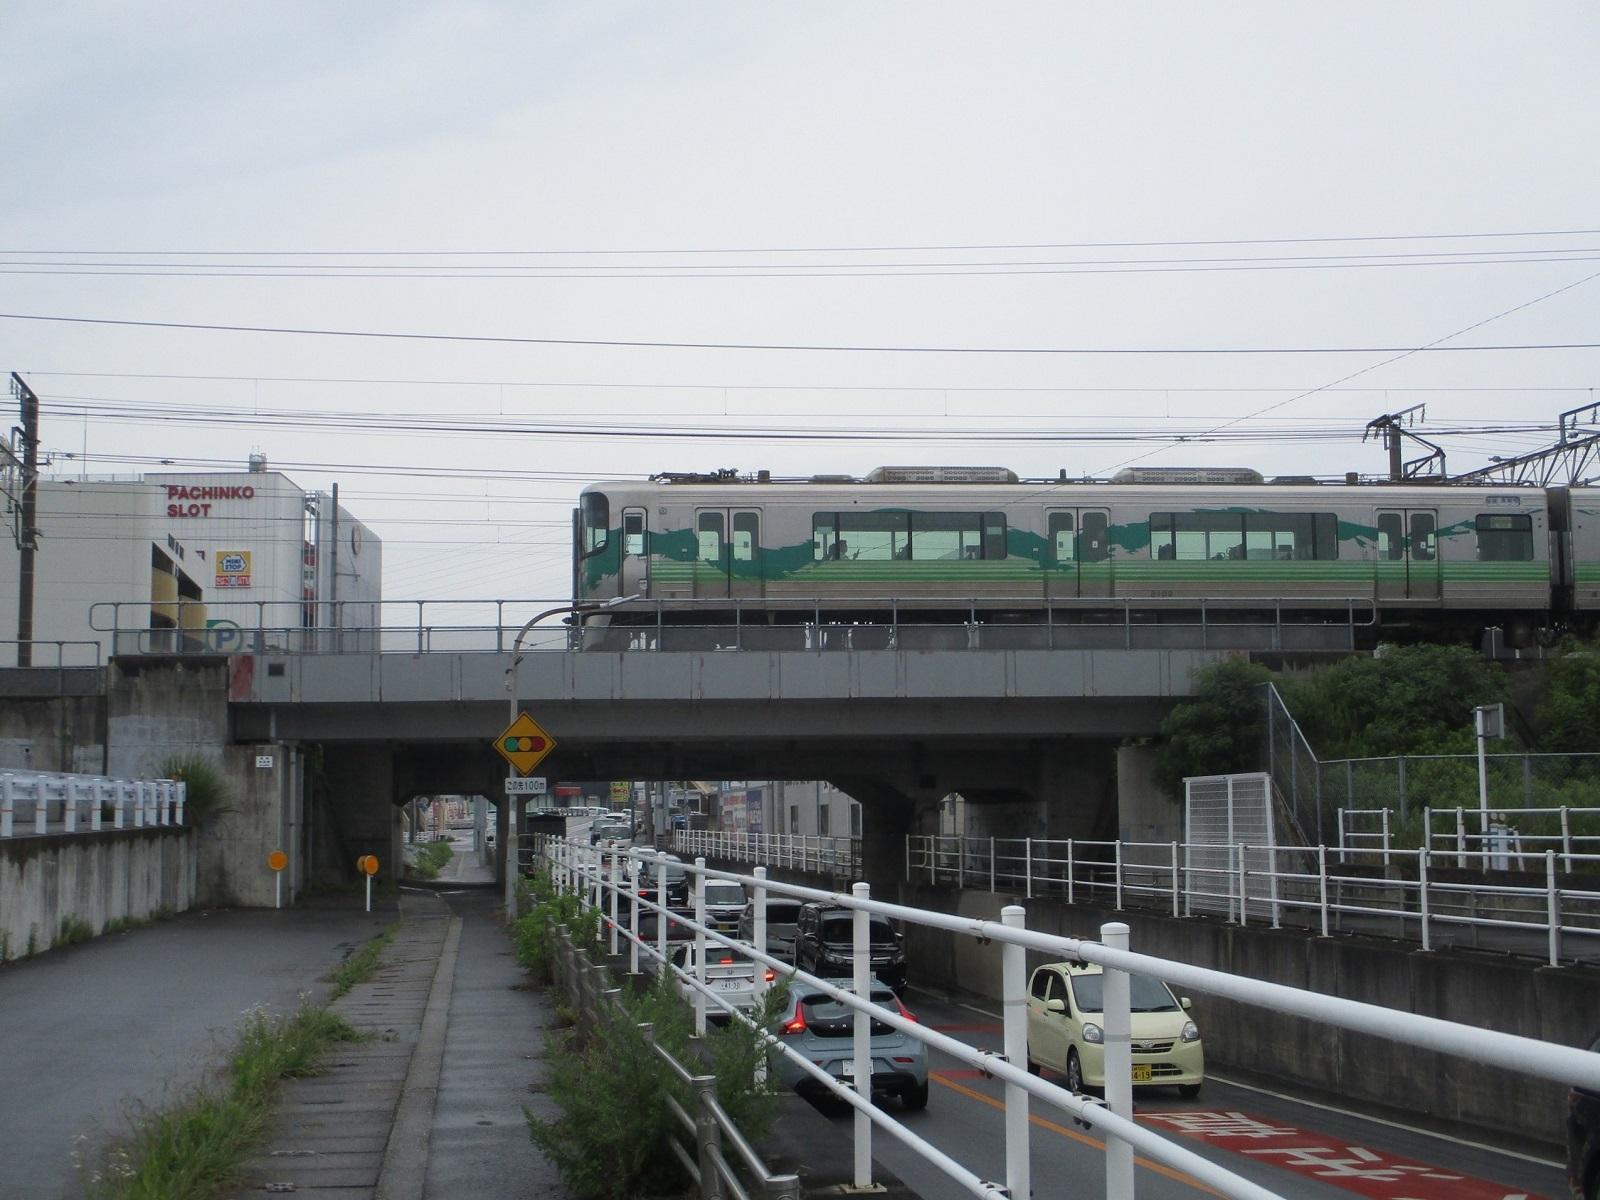 2020.6.22 (14) 東海道線 - 羽根ガード 1600-1200